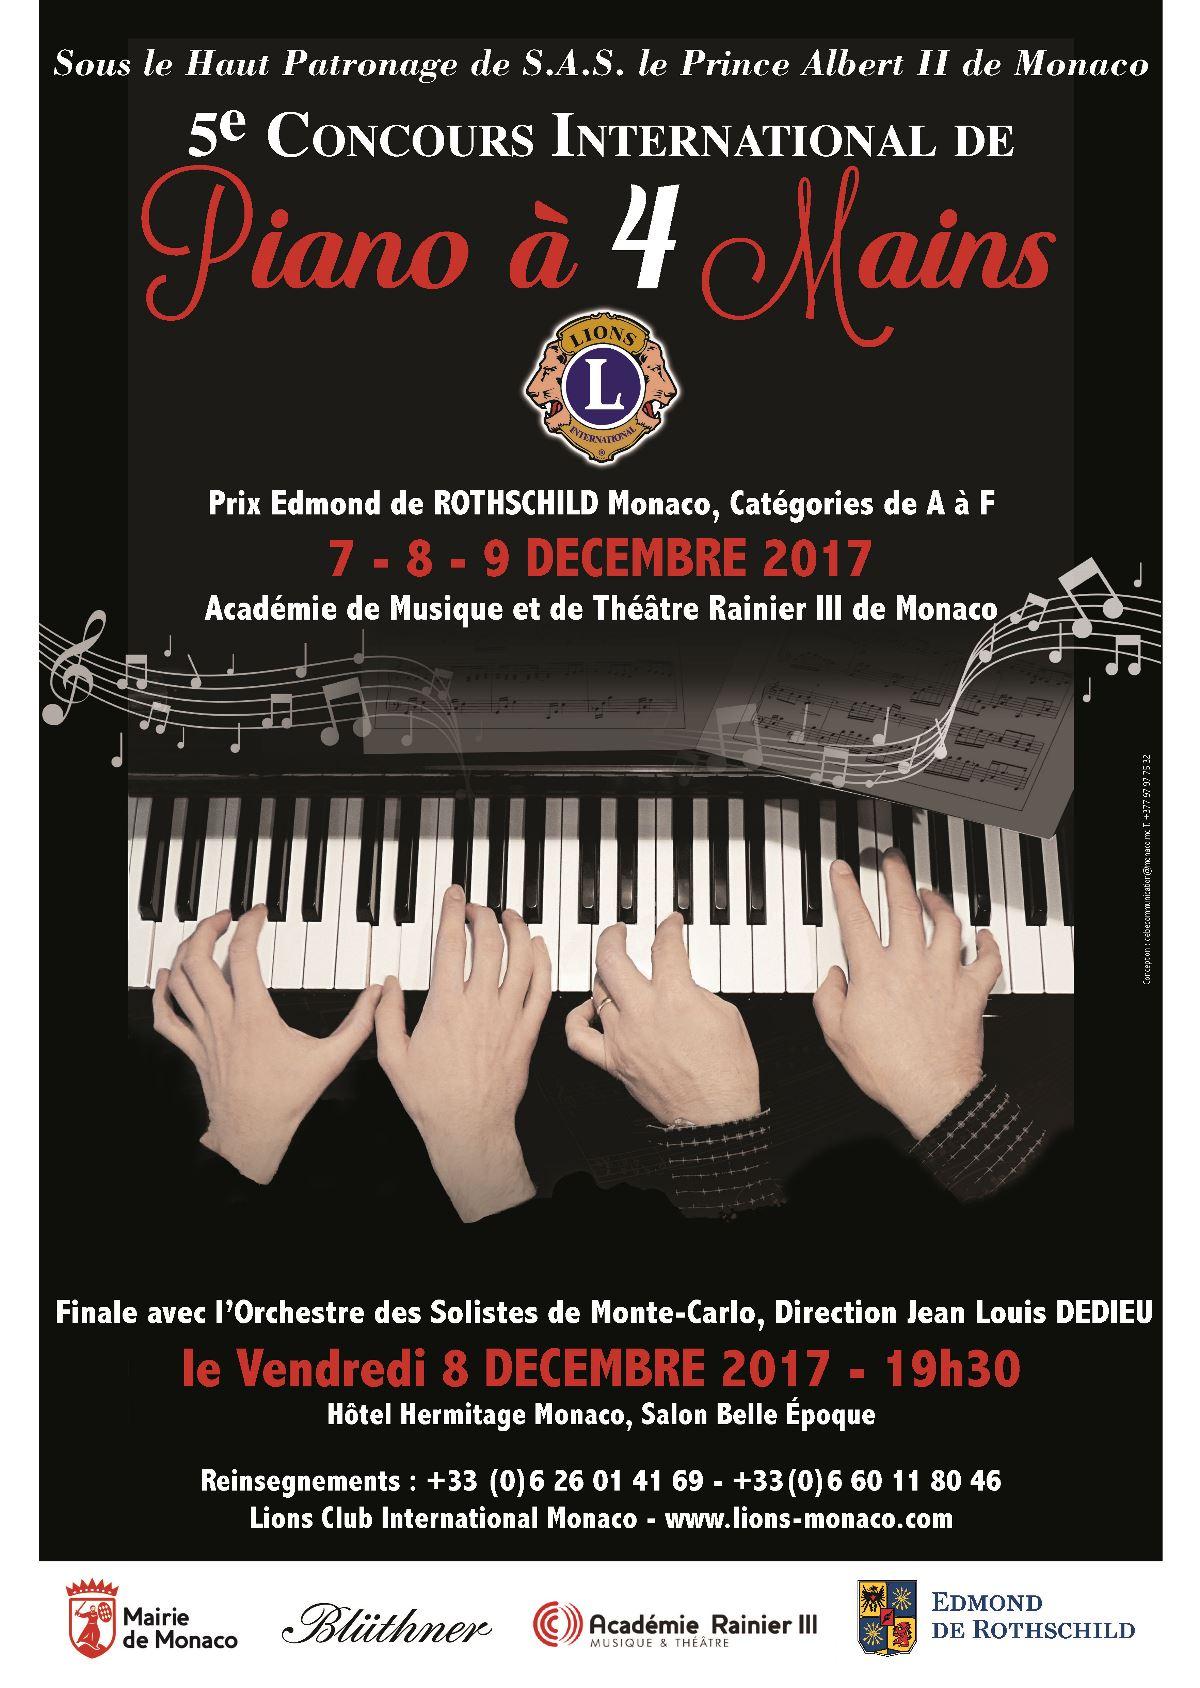 GALA DU CONCOURS DE PIANO À 4 MAINS